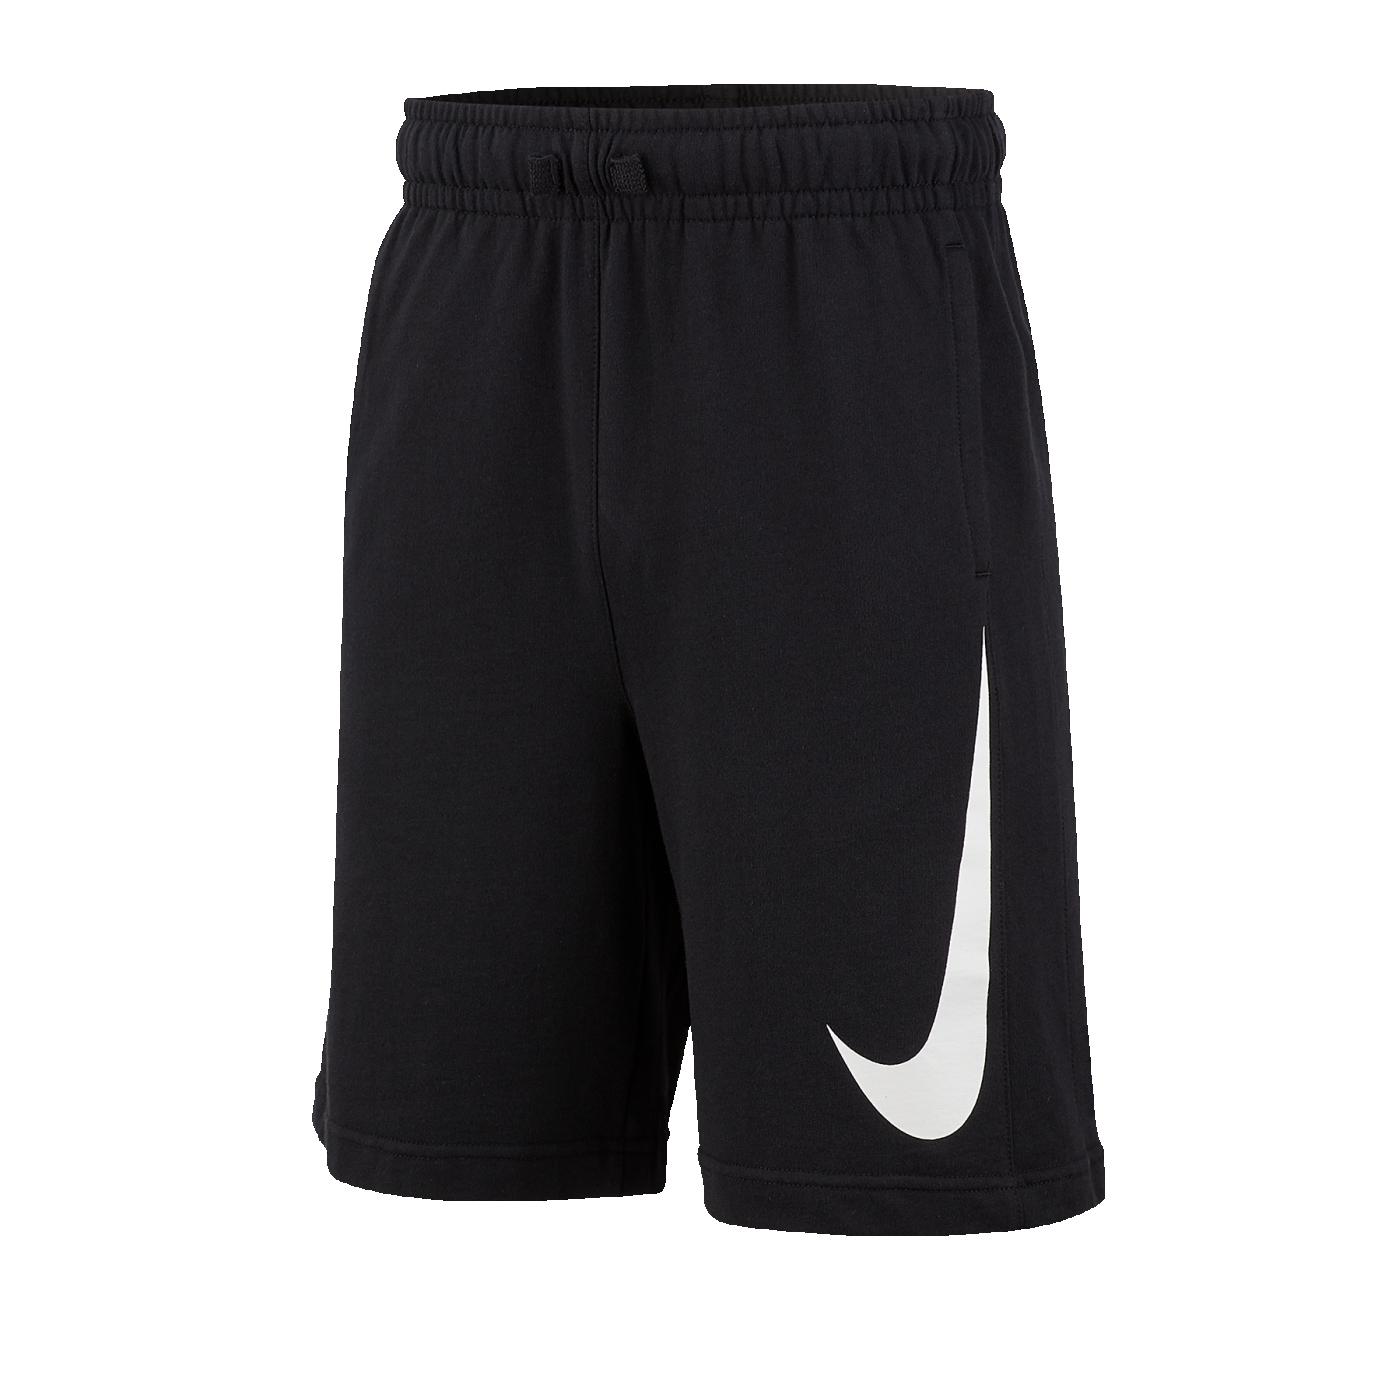 Nike Hose Kurz